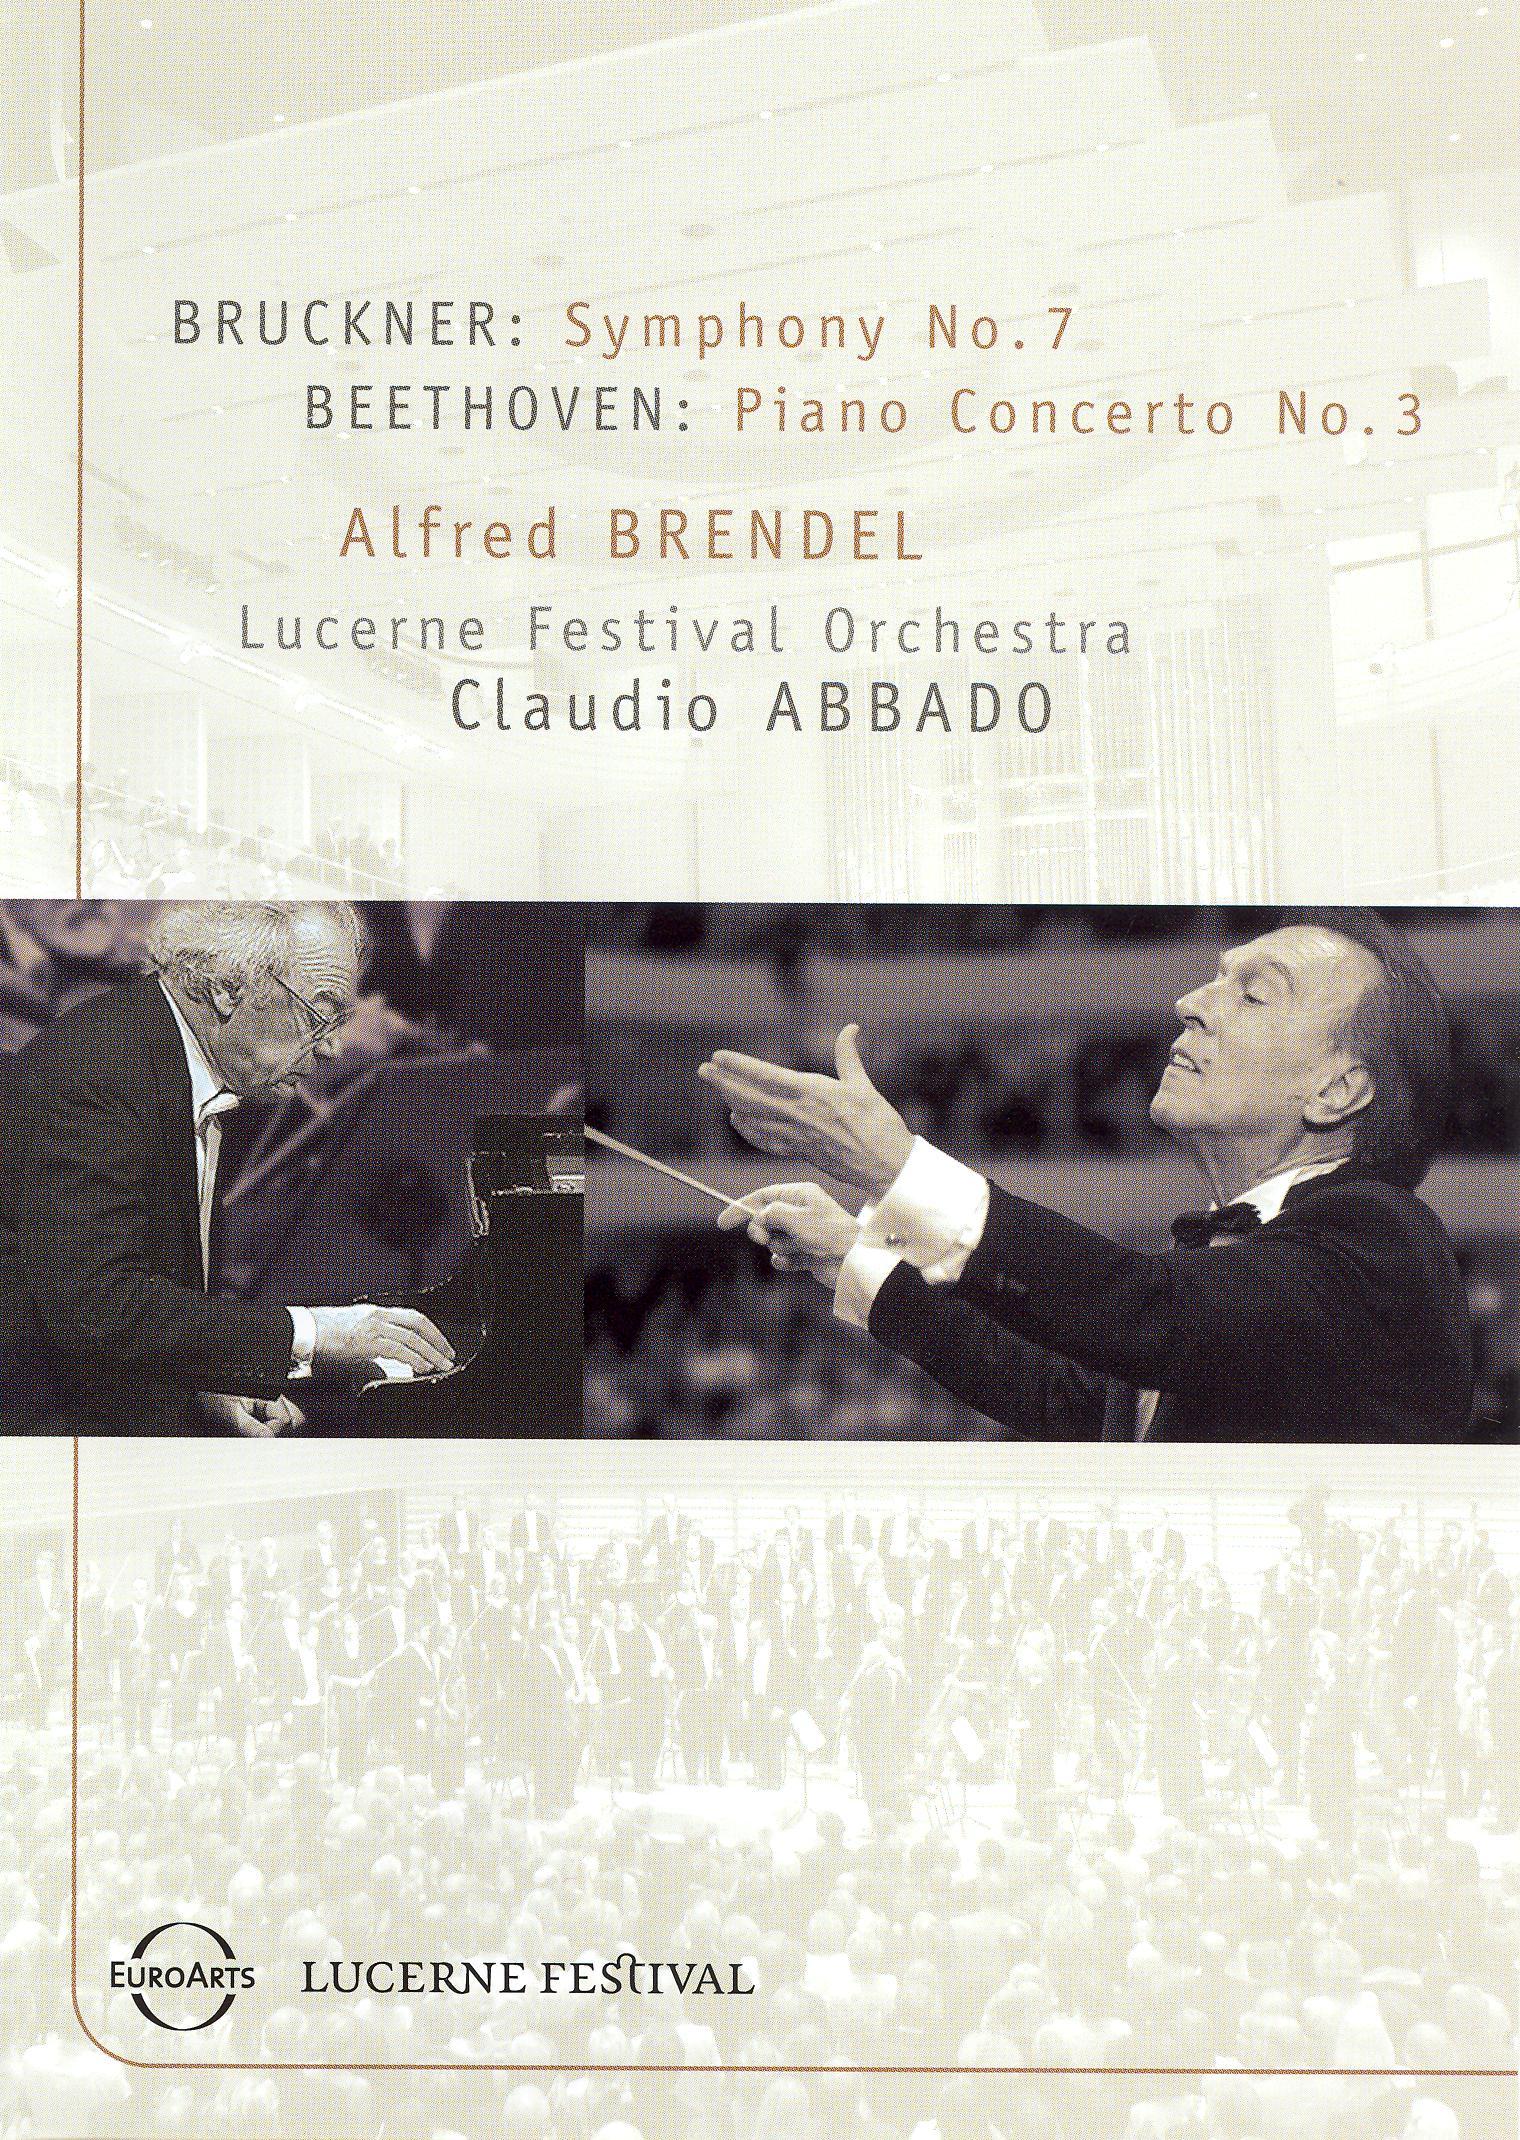 Alfred Brendel/Lucerne Festival Orchestra: Bruckner - Symphony No. 7/Beethoven - Piano Concerto No. 3